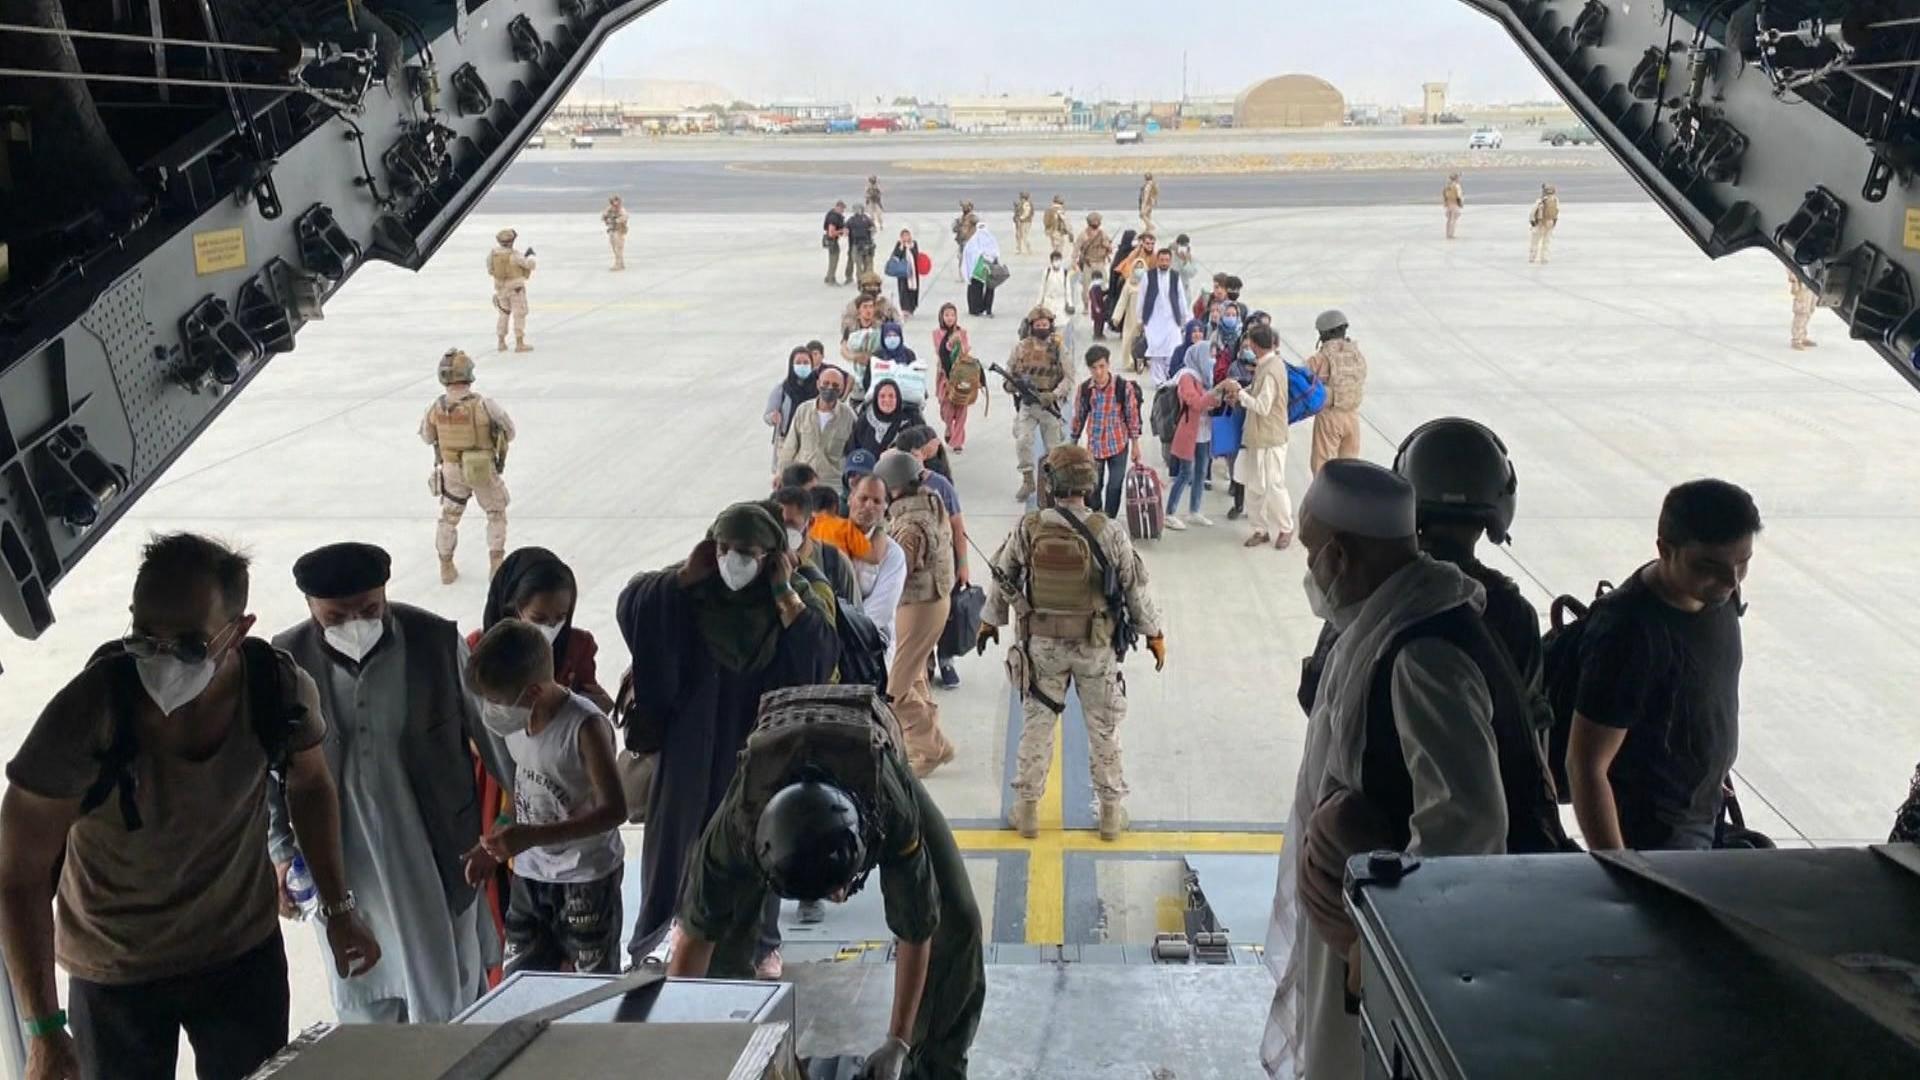 Un+primer+avi%C3%B3+espanyol+surt+de+Kabul+mentre+els+talibans+comencen+a+conformar+un+nou+govern